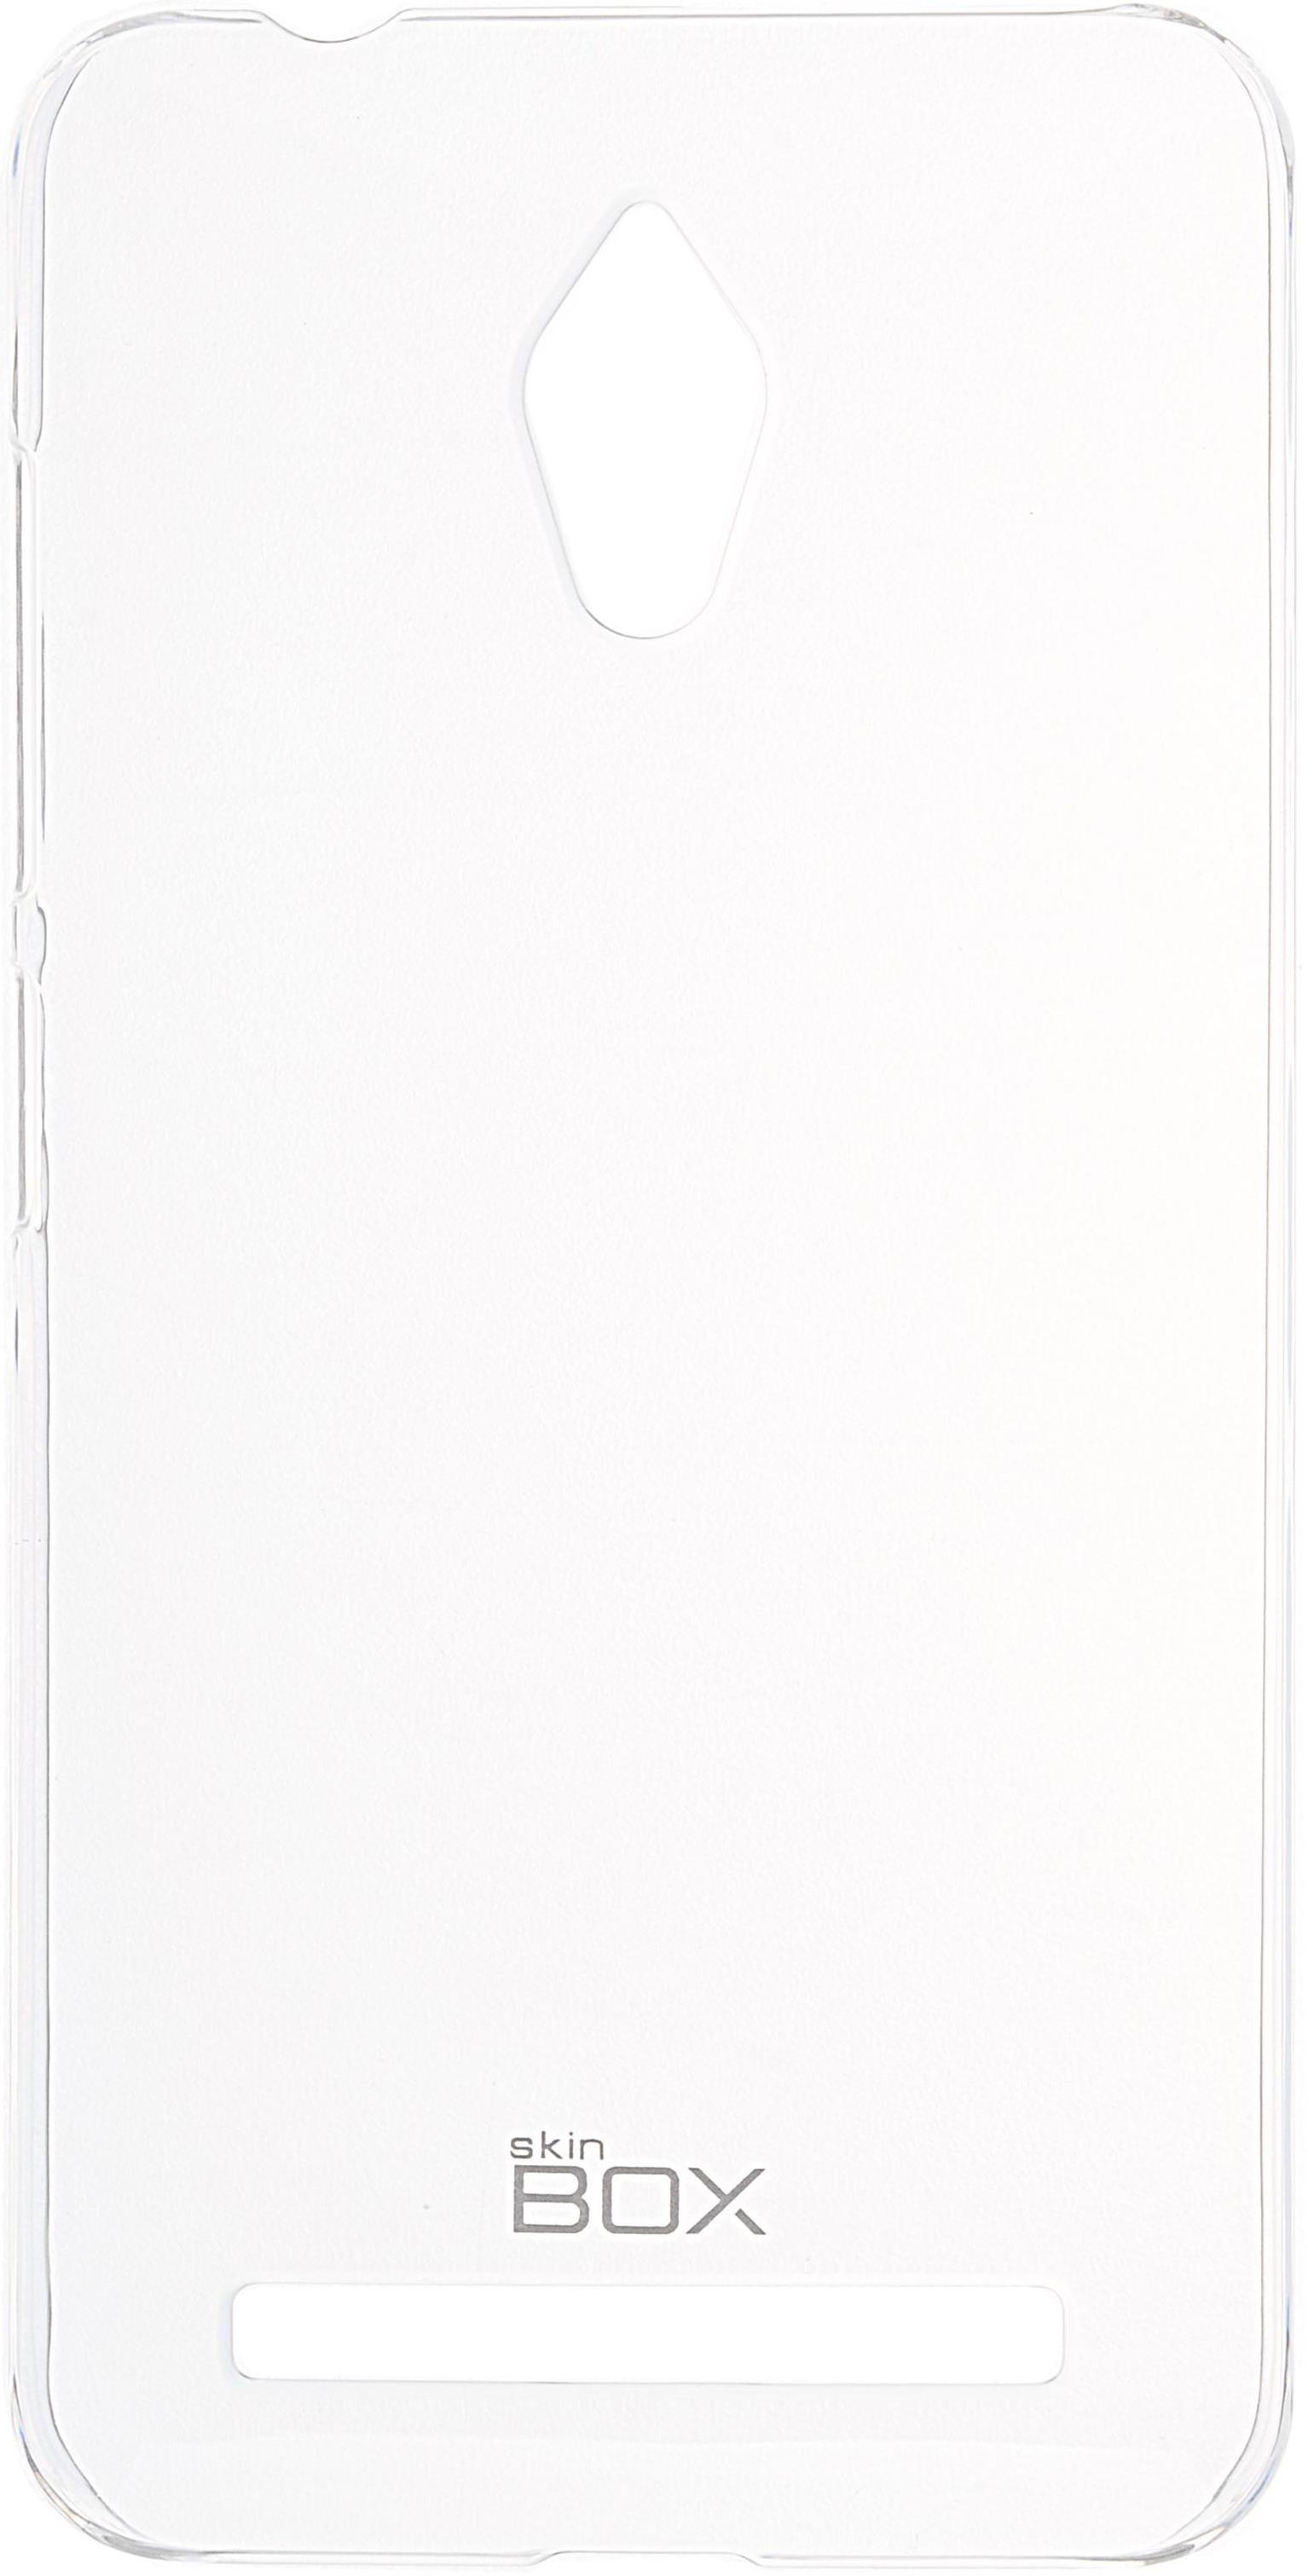 Чехол для сотового телефона skinBOX Crystal, 4630042527942, прозрачный чехол для сотового телефона skinbox crystal 4630042524613 прозрачный